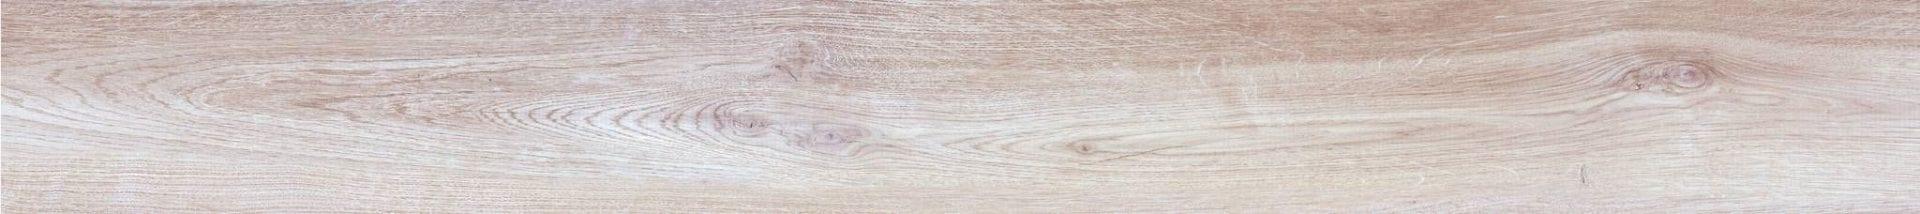 Porcelánico imitación madera CANOVA ARCE 20X180 Rectificado